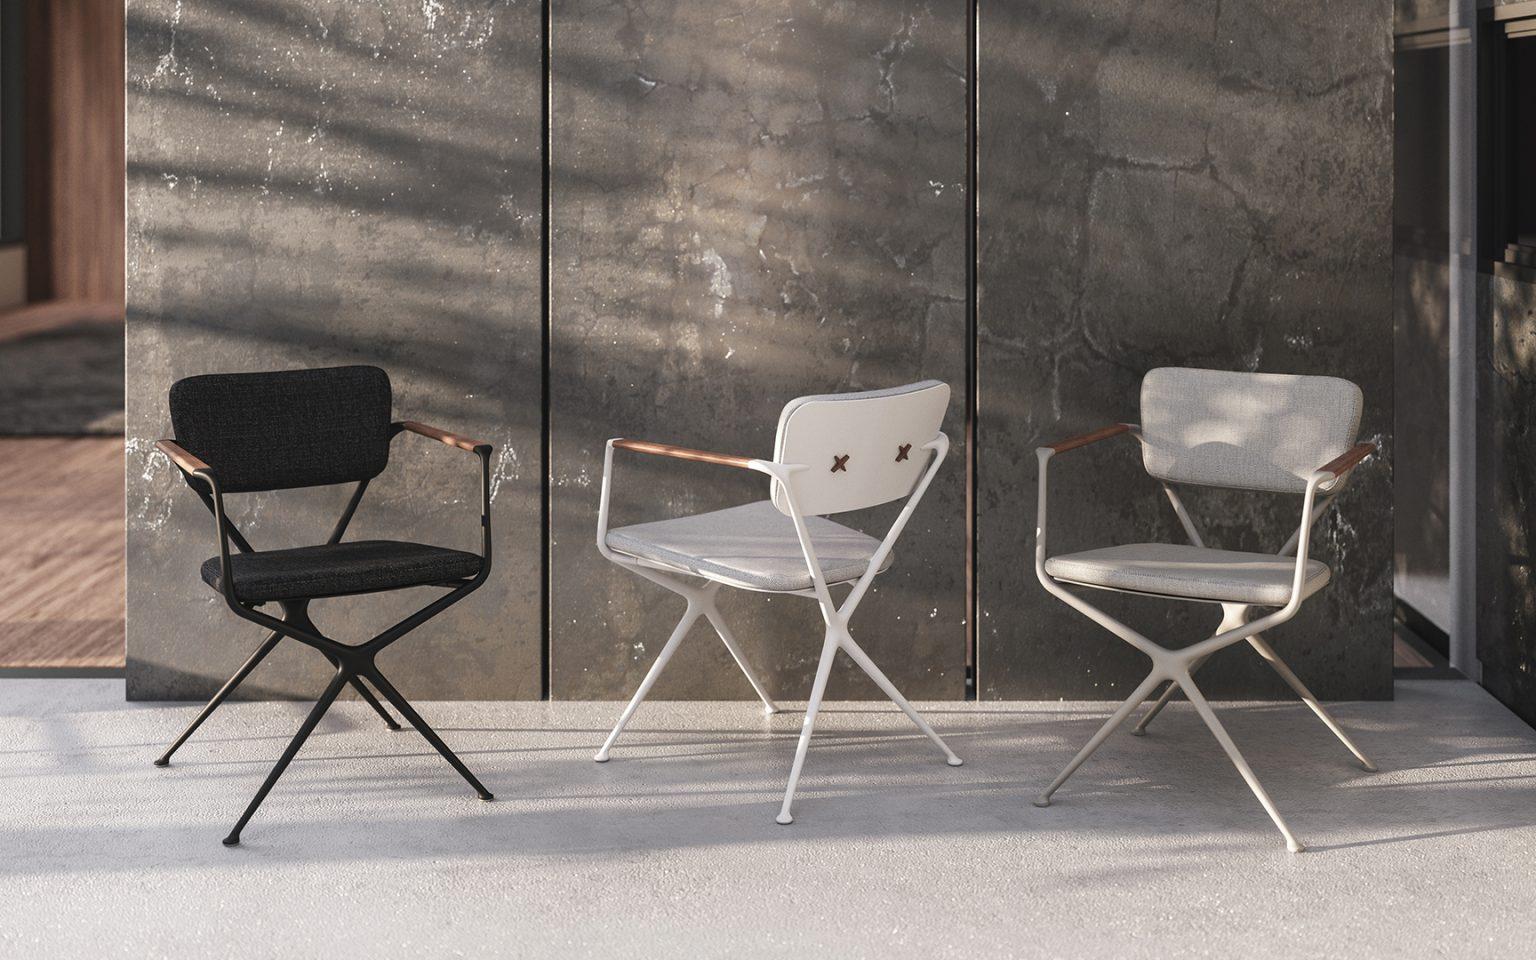 Biennale Interieur - Belgium's leading design and interior event - Exes-2.jpg